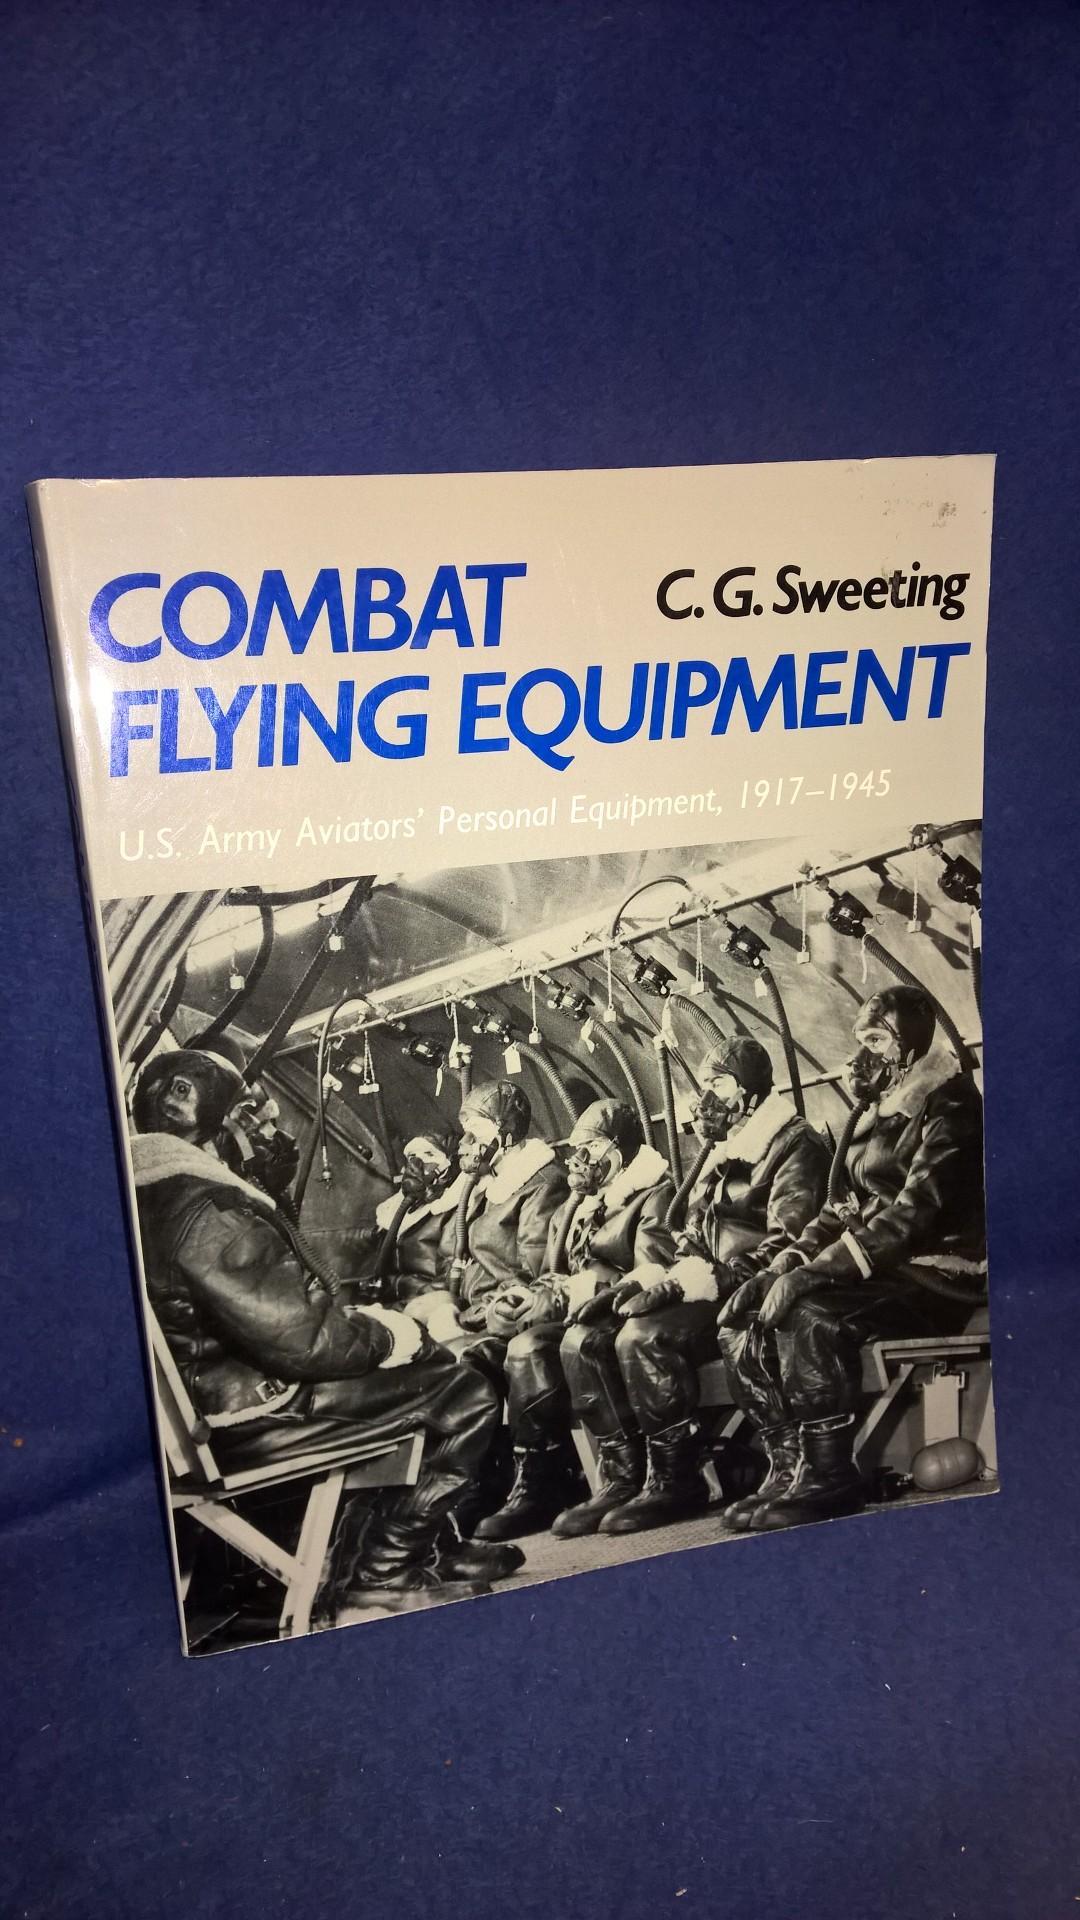 Combat Flying Equipment. U.S. Army Aviator's Personal Equipment, 1917-1945.